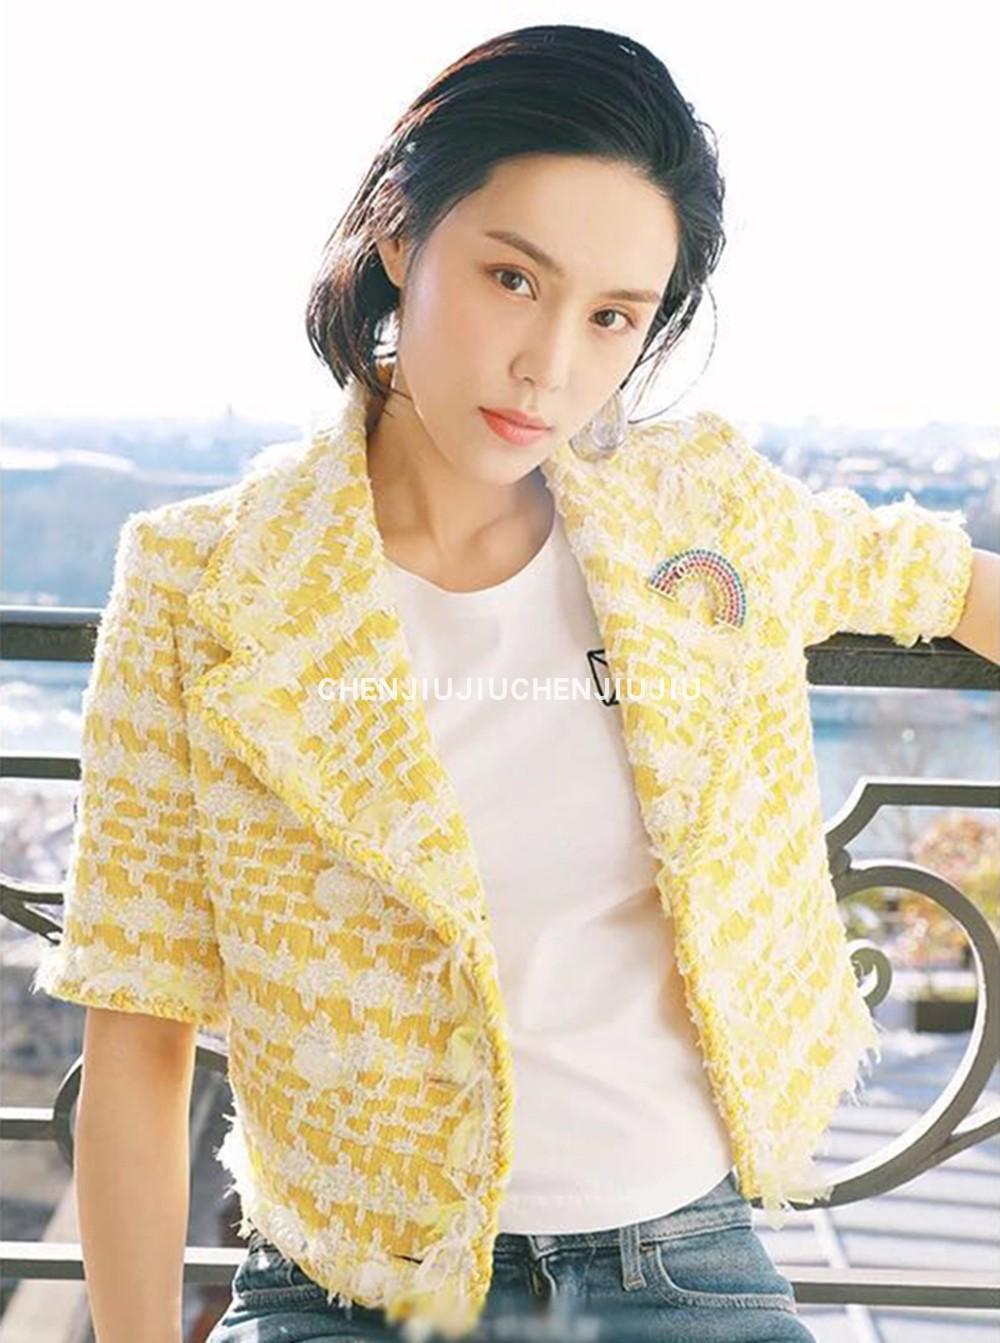 辰九九春夏lin新款轻奢典雅垫肩中袖短款花呢西装黄色小香风外套